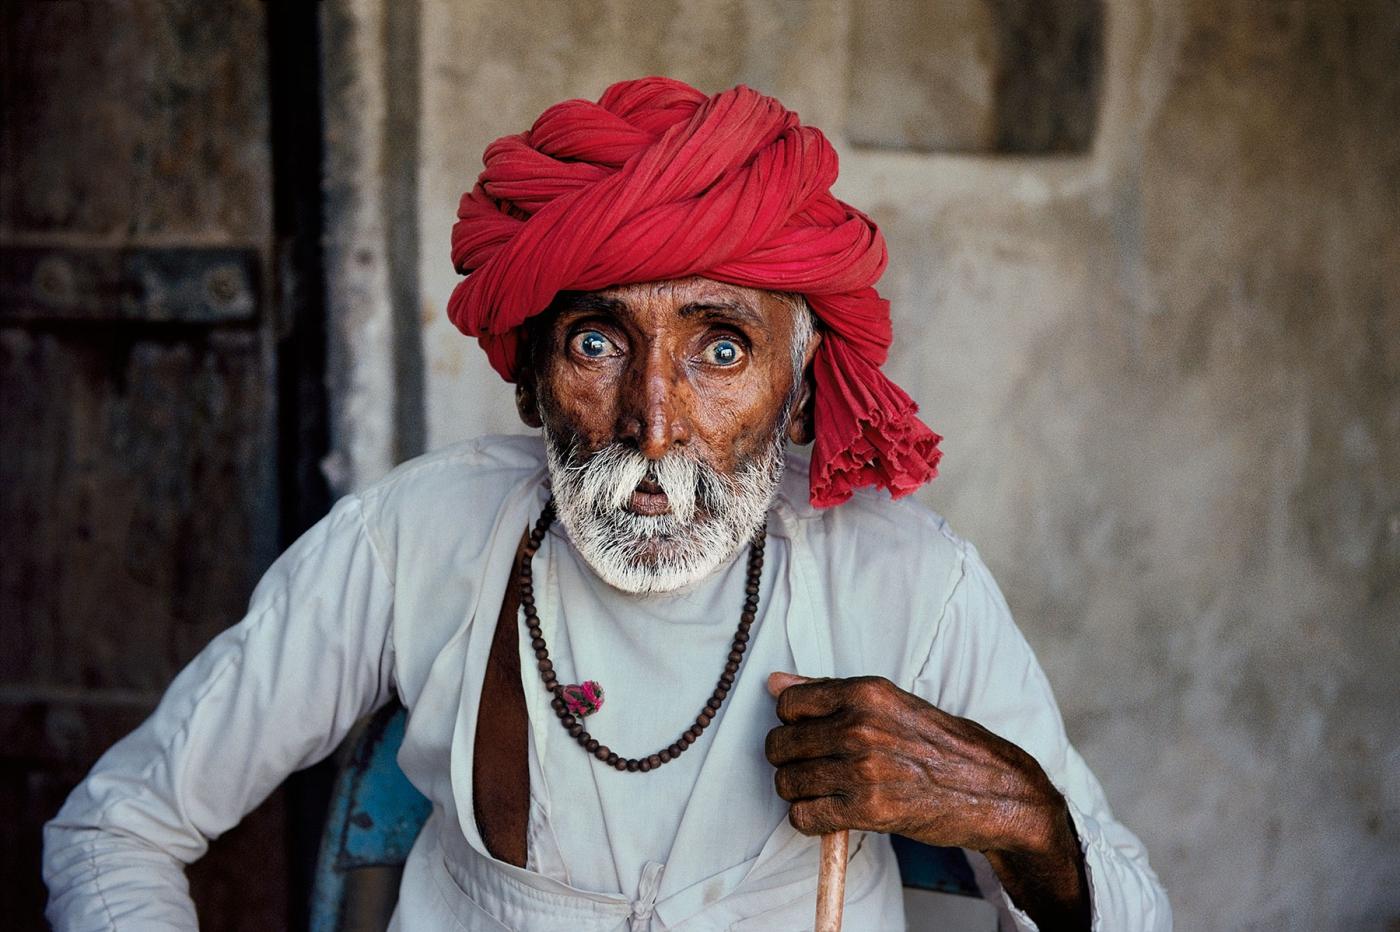 【攝影蟲】殿堂級的攝影記者 Steve McCurry_图1-15